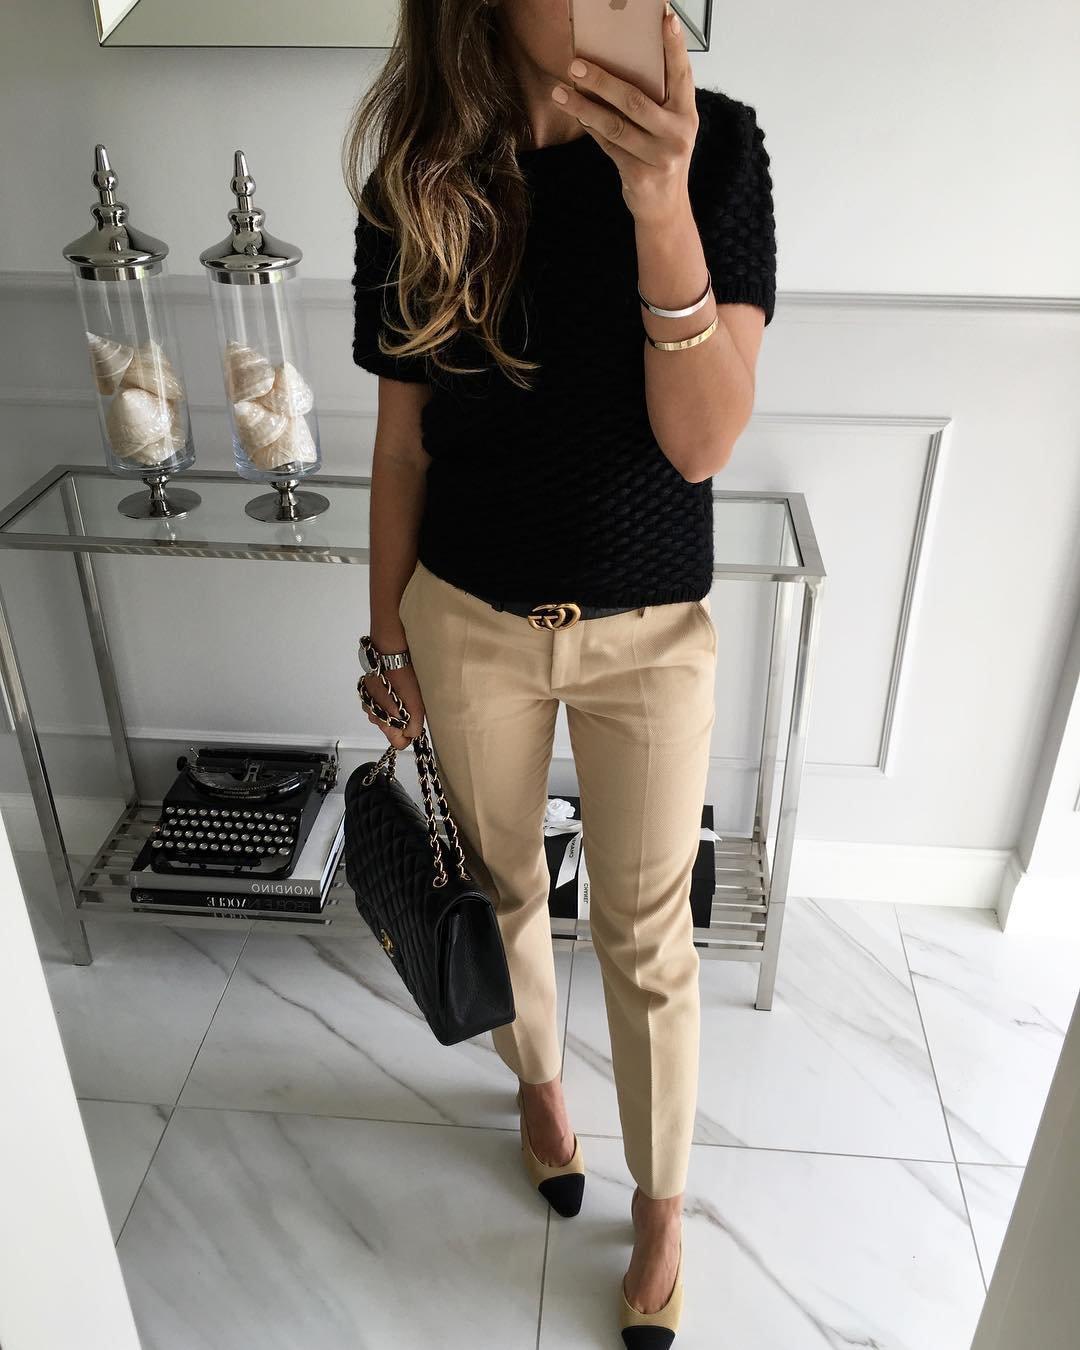 Укороченные брюки, черный верх и черная сумочка.